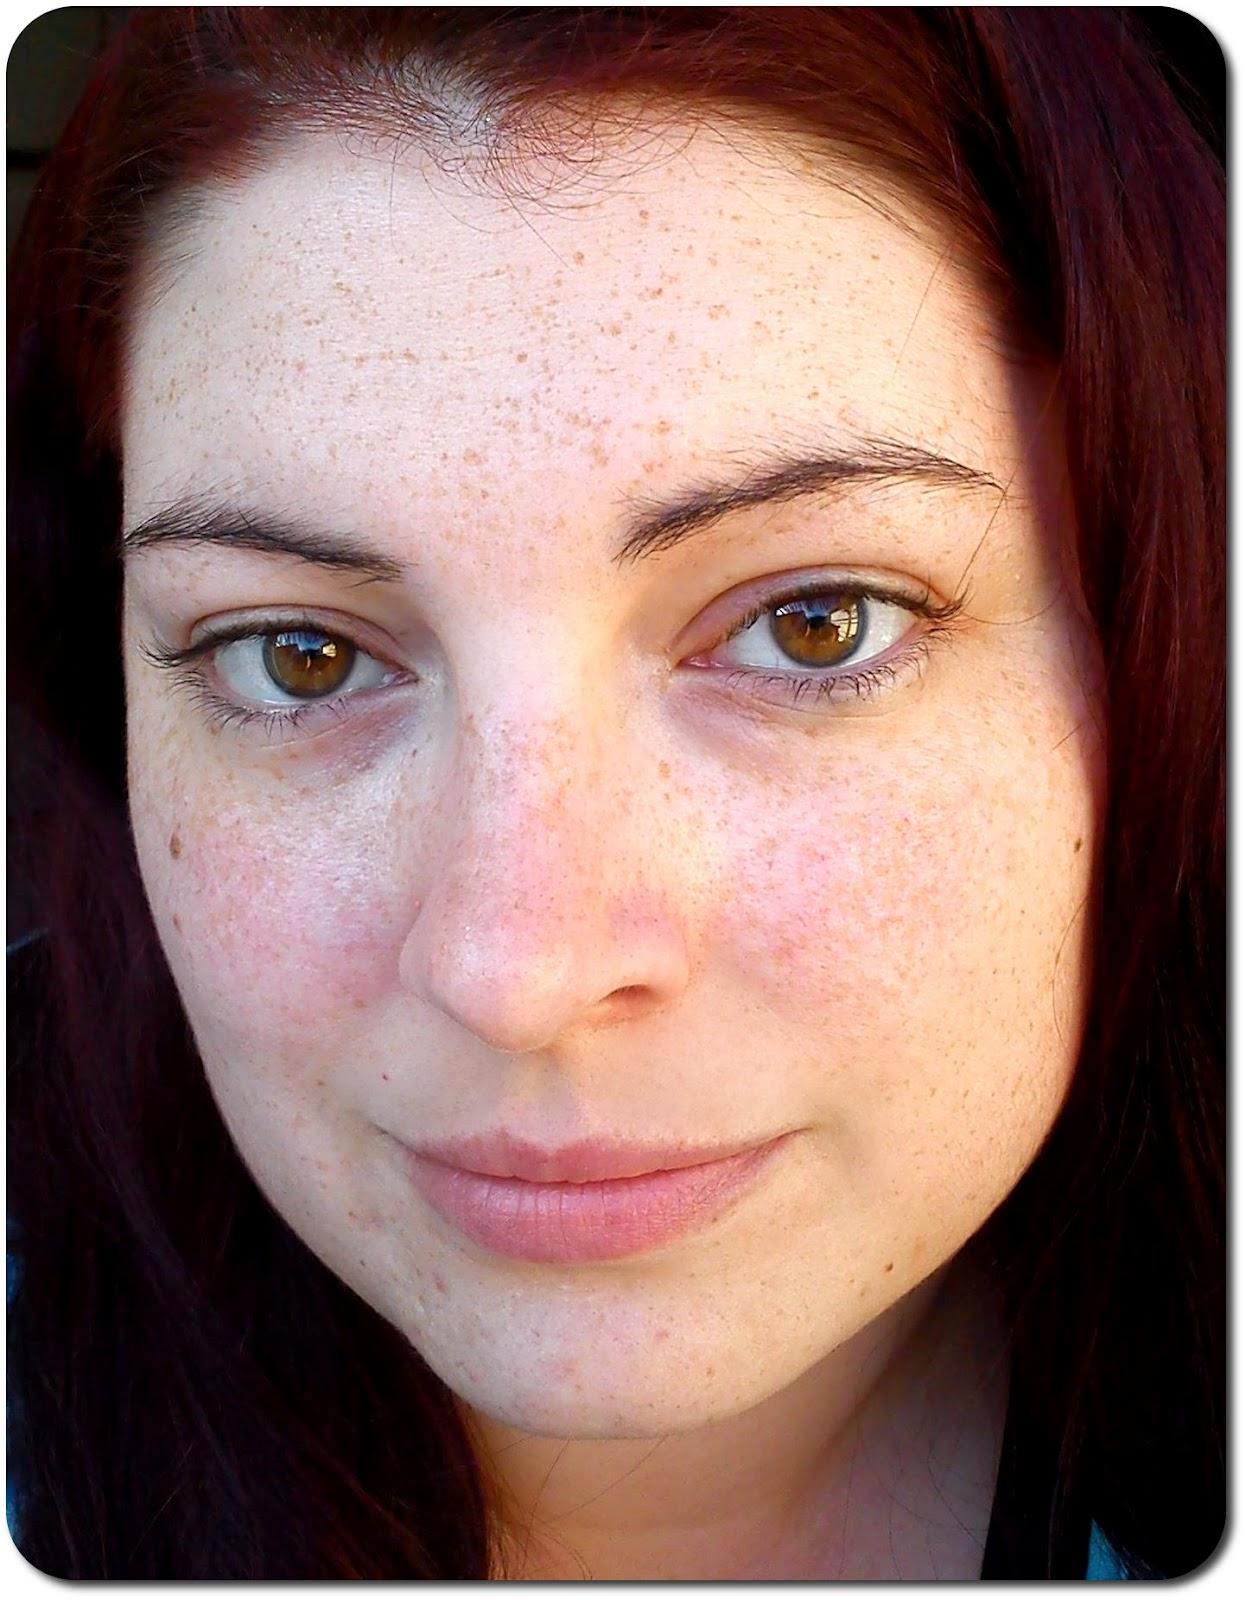 Der Pigmentfleck im Augenlidwinkel